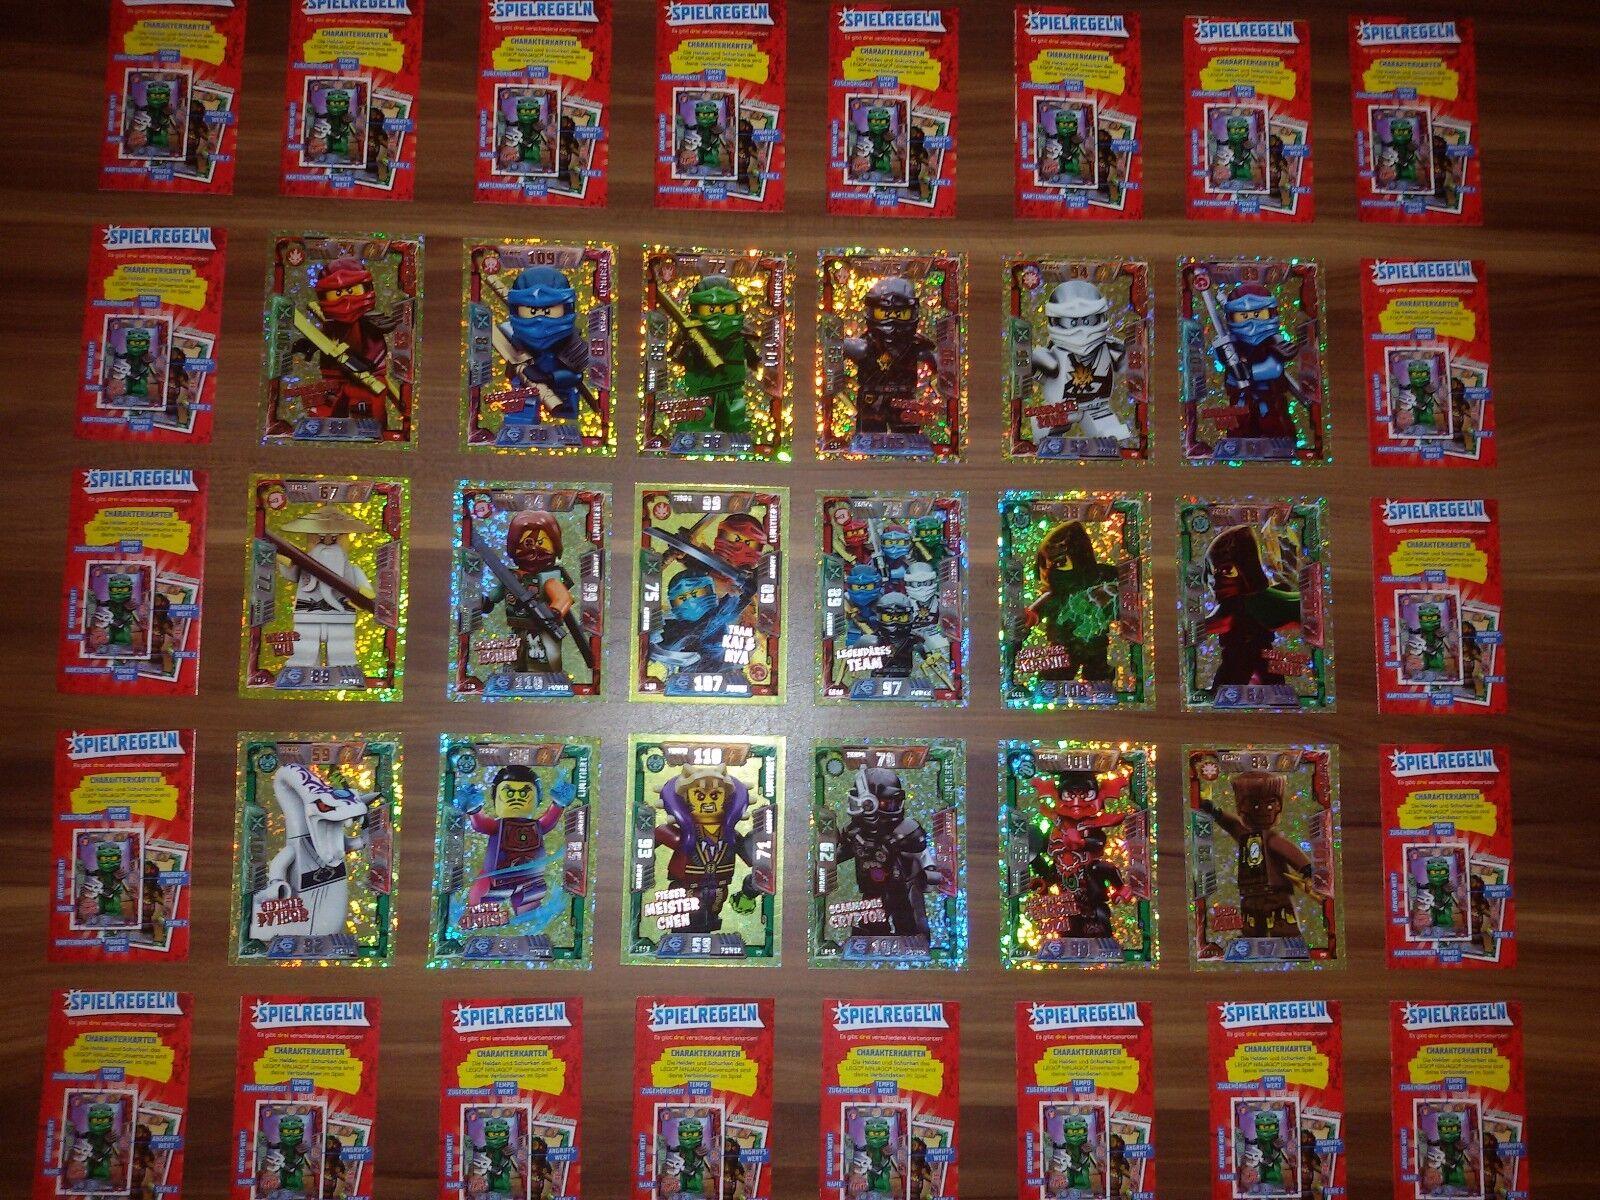 Lego Ninjago Trading Cards Serie 2  18 LE Karten LE 1 bis LE 18